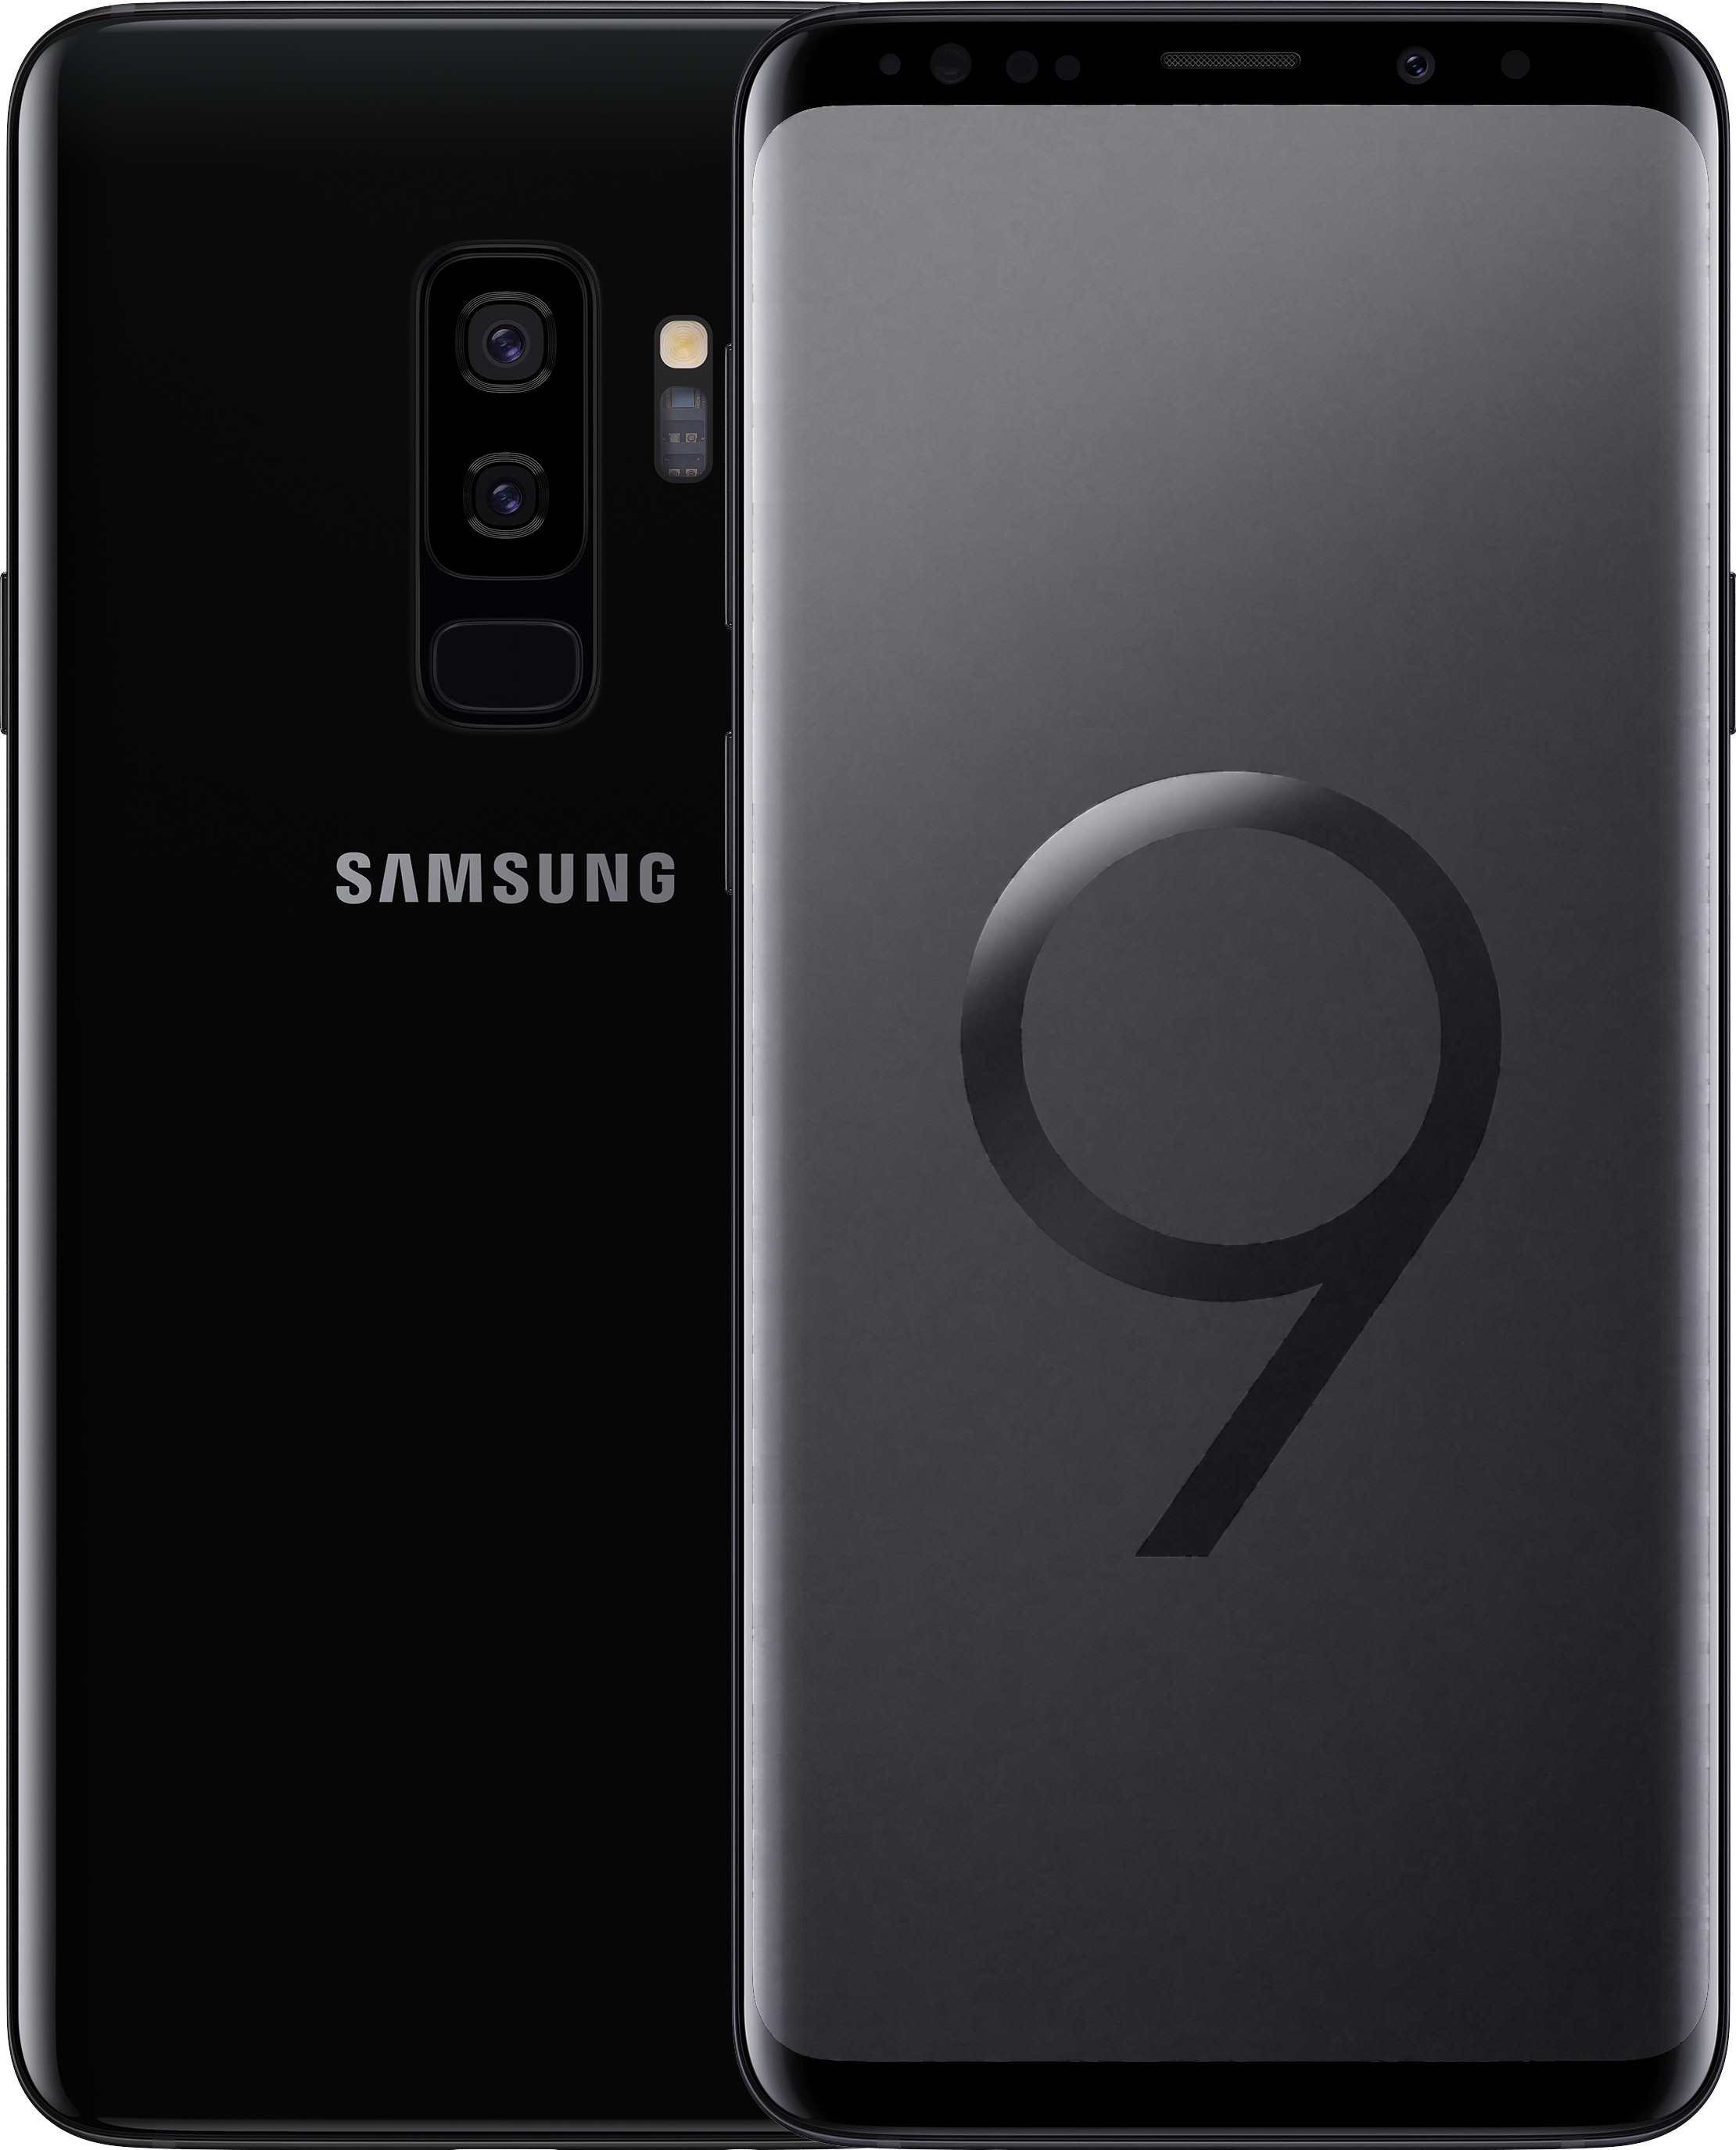 Reparatie Galaxy S9 Plusscherm reparatie